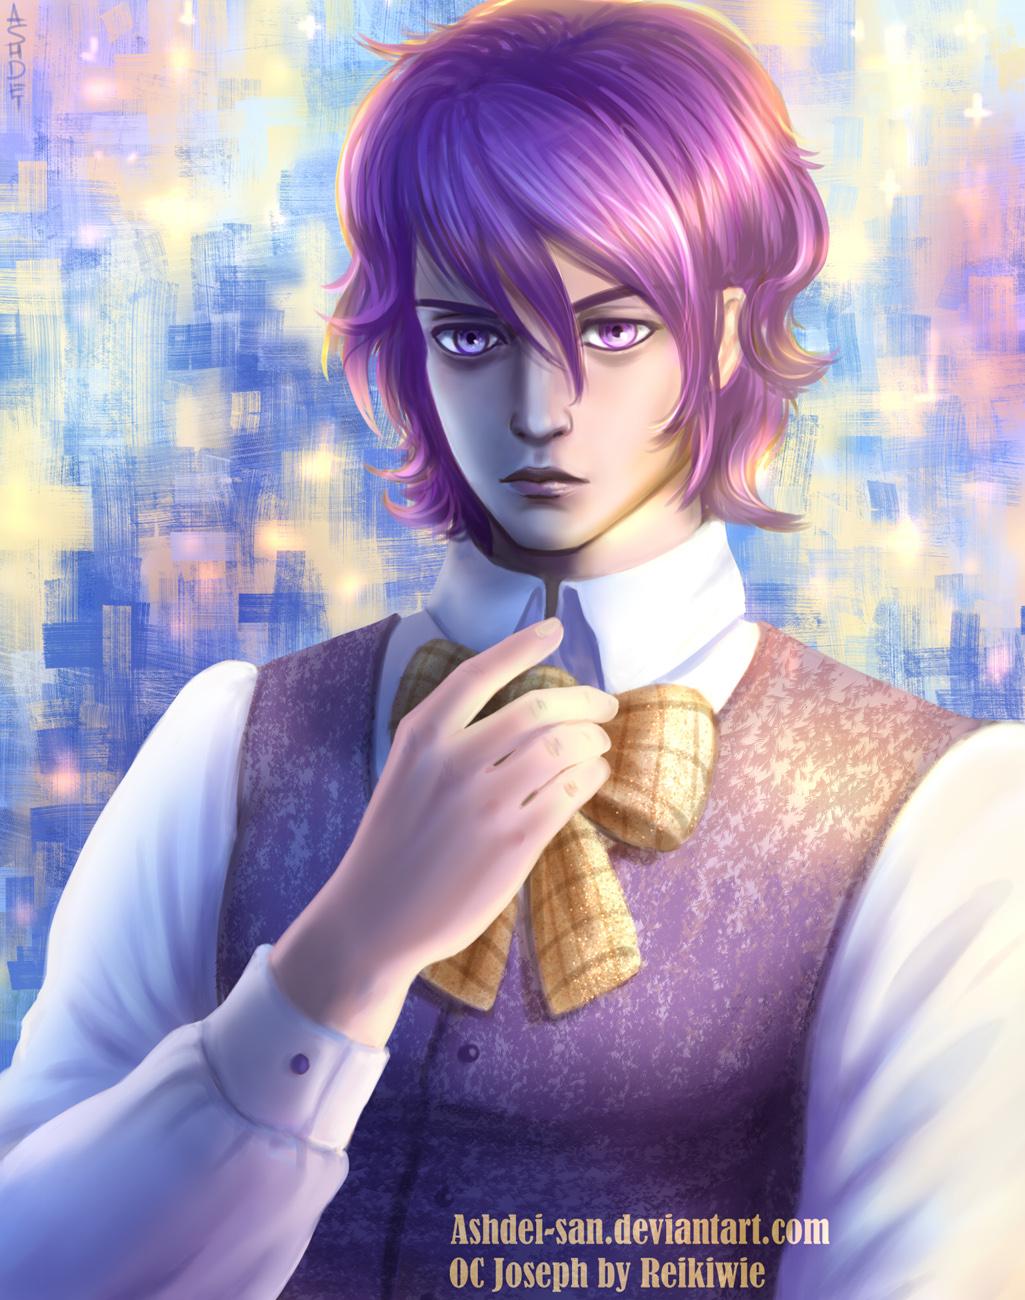 Grumpy Jo by Ashdei-san